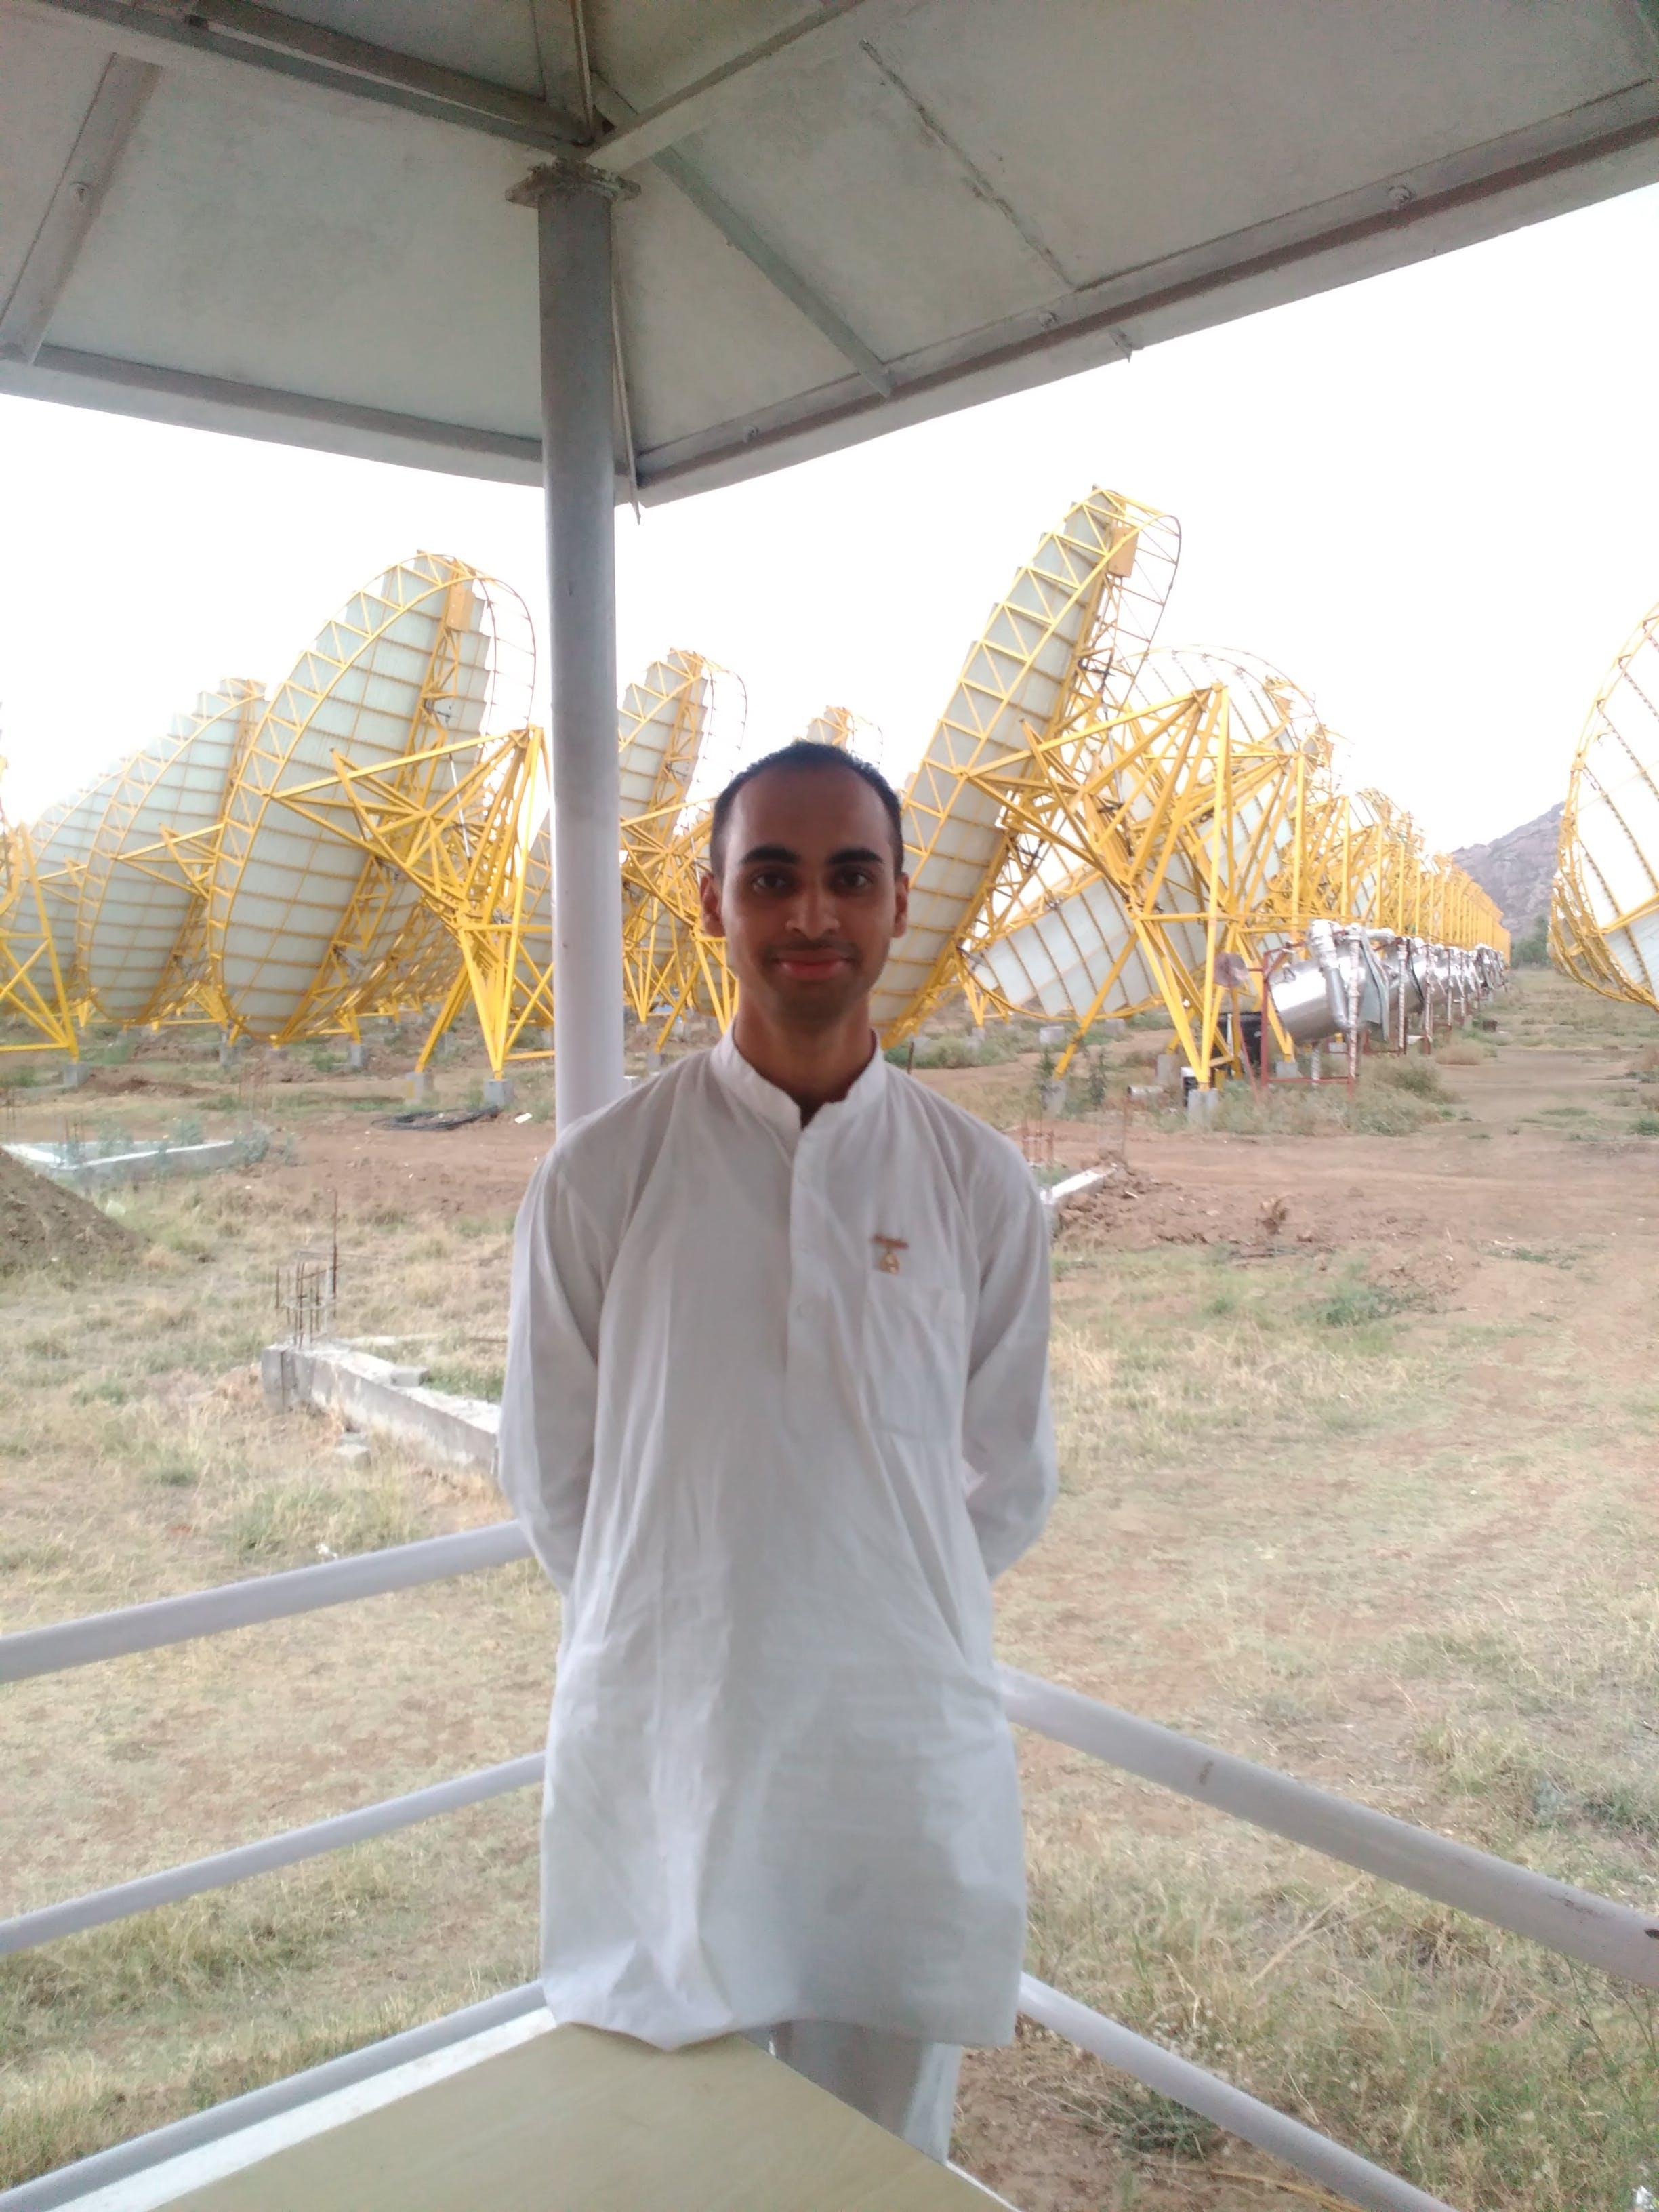 Krunal Bhongade